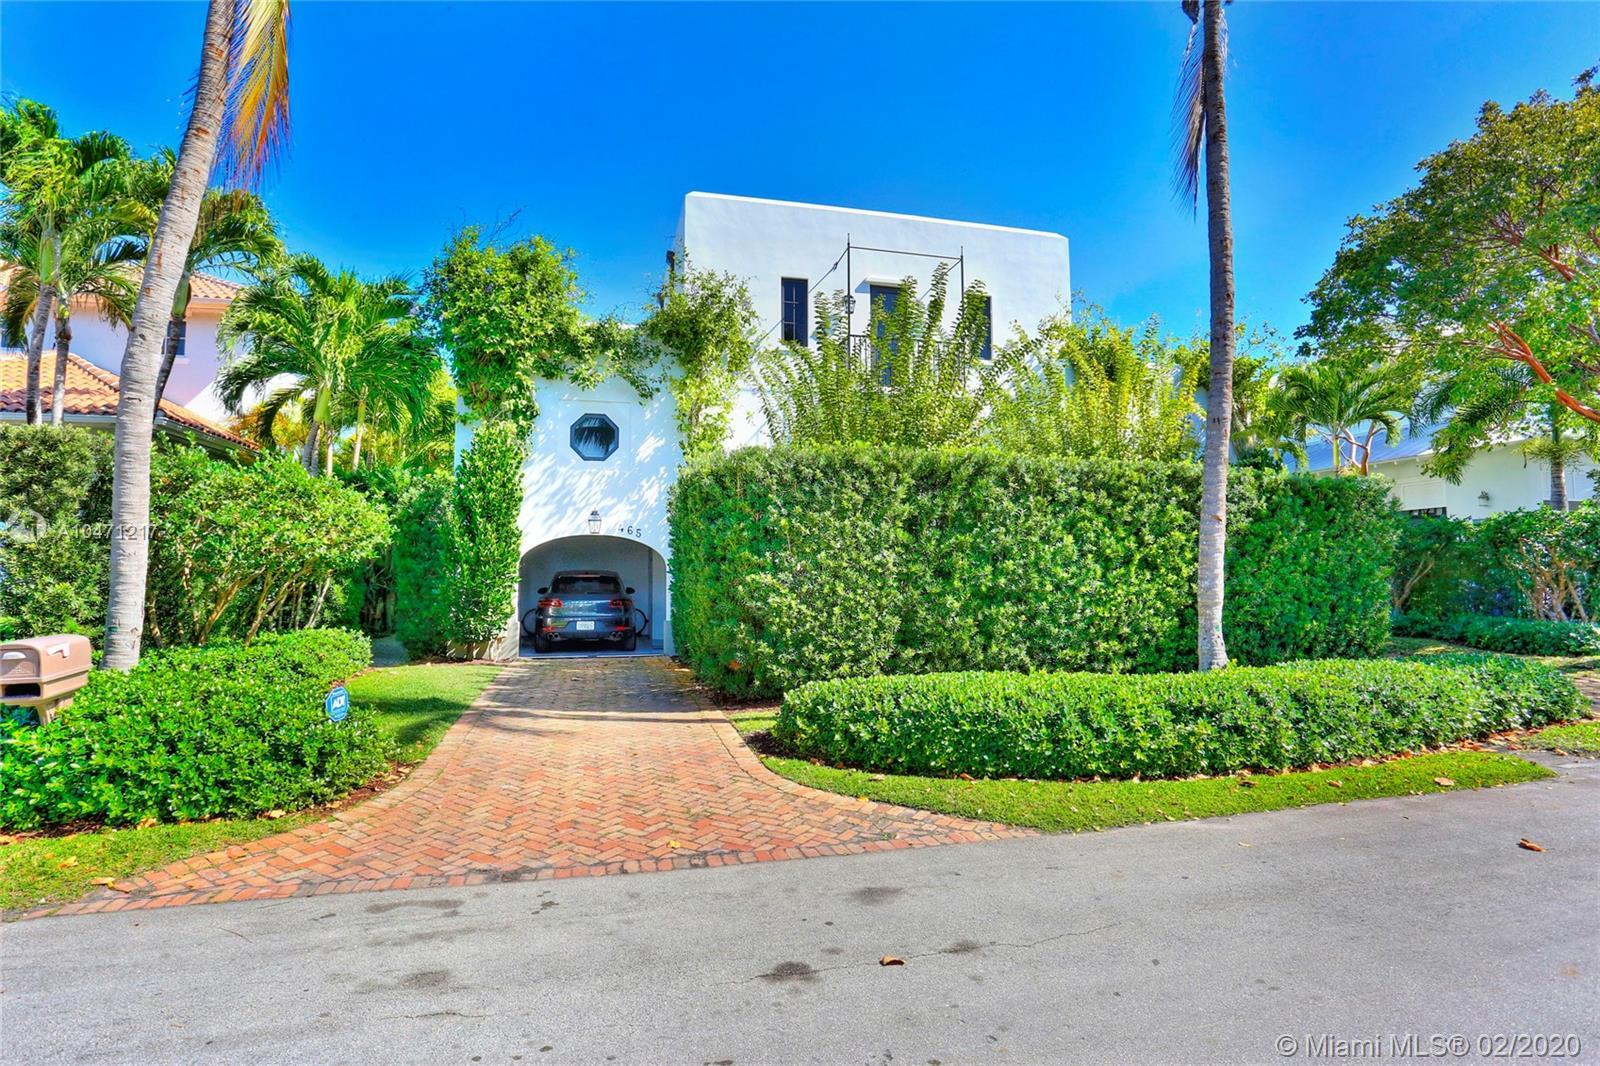 Tropical Isle Homes - 465 HAMPTON LN, Key Biscayne, FL 33149